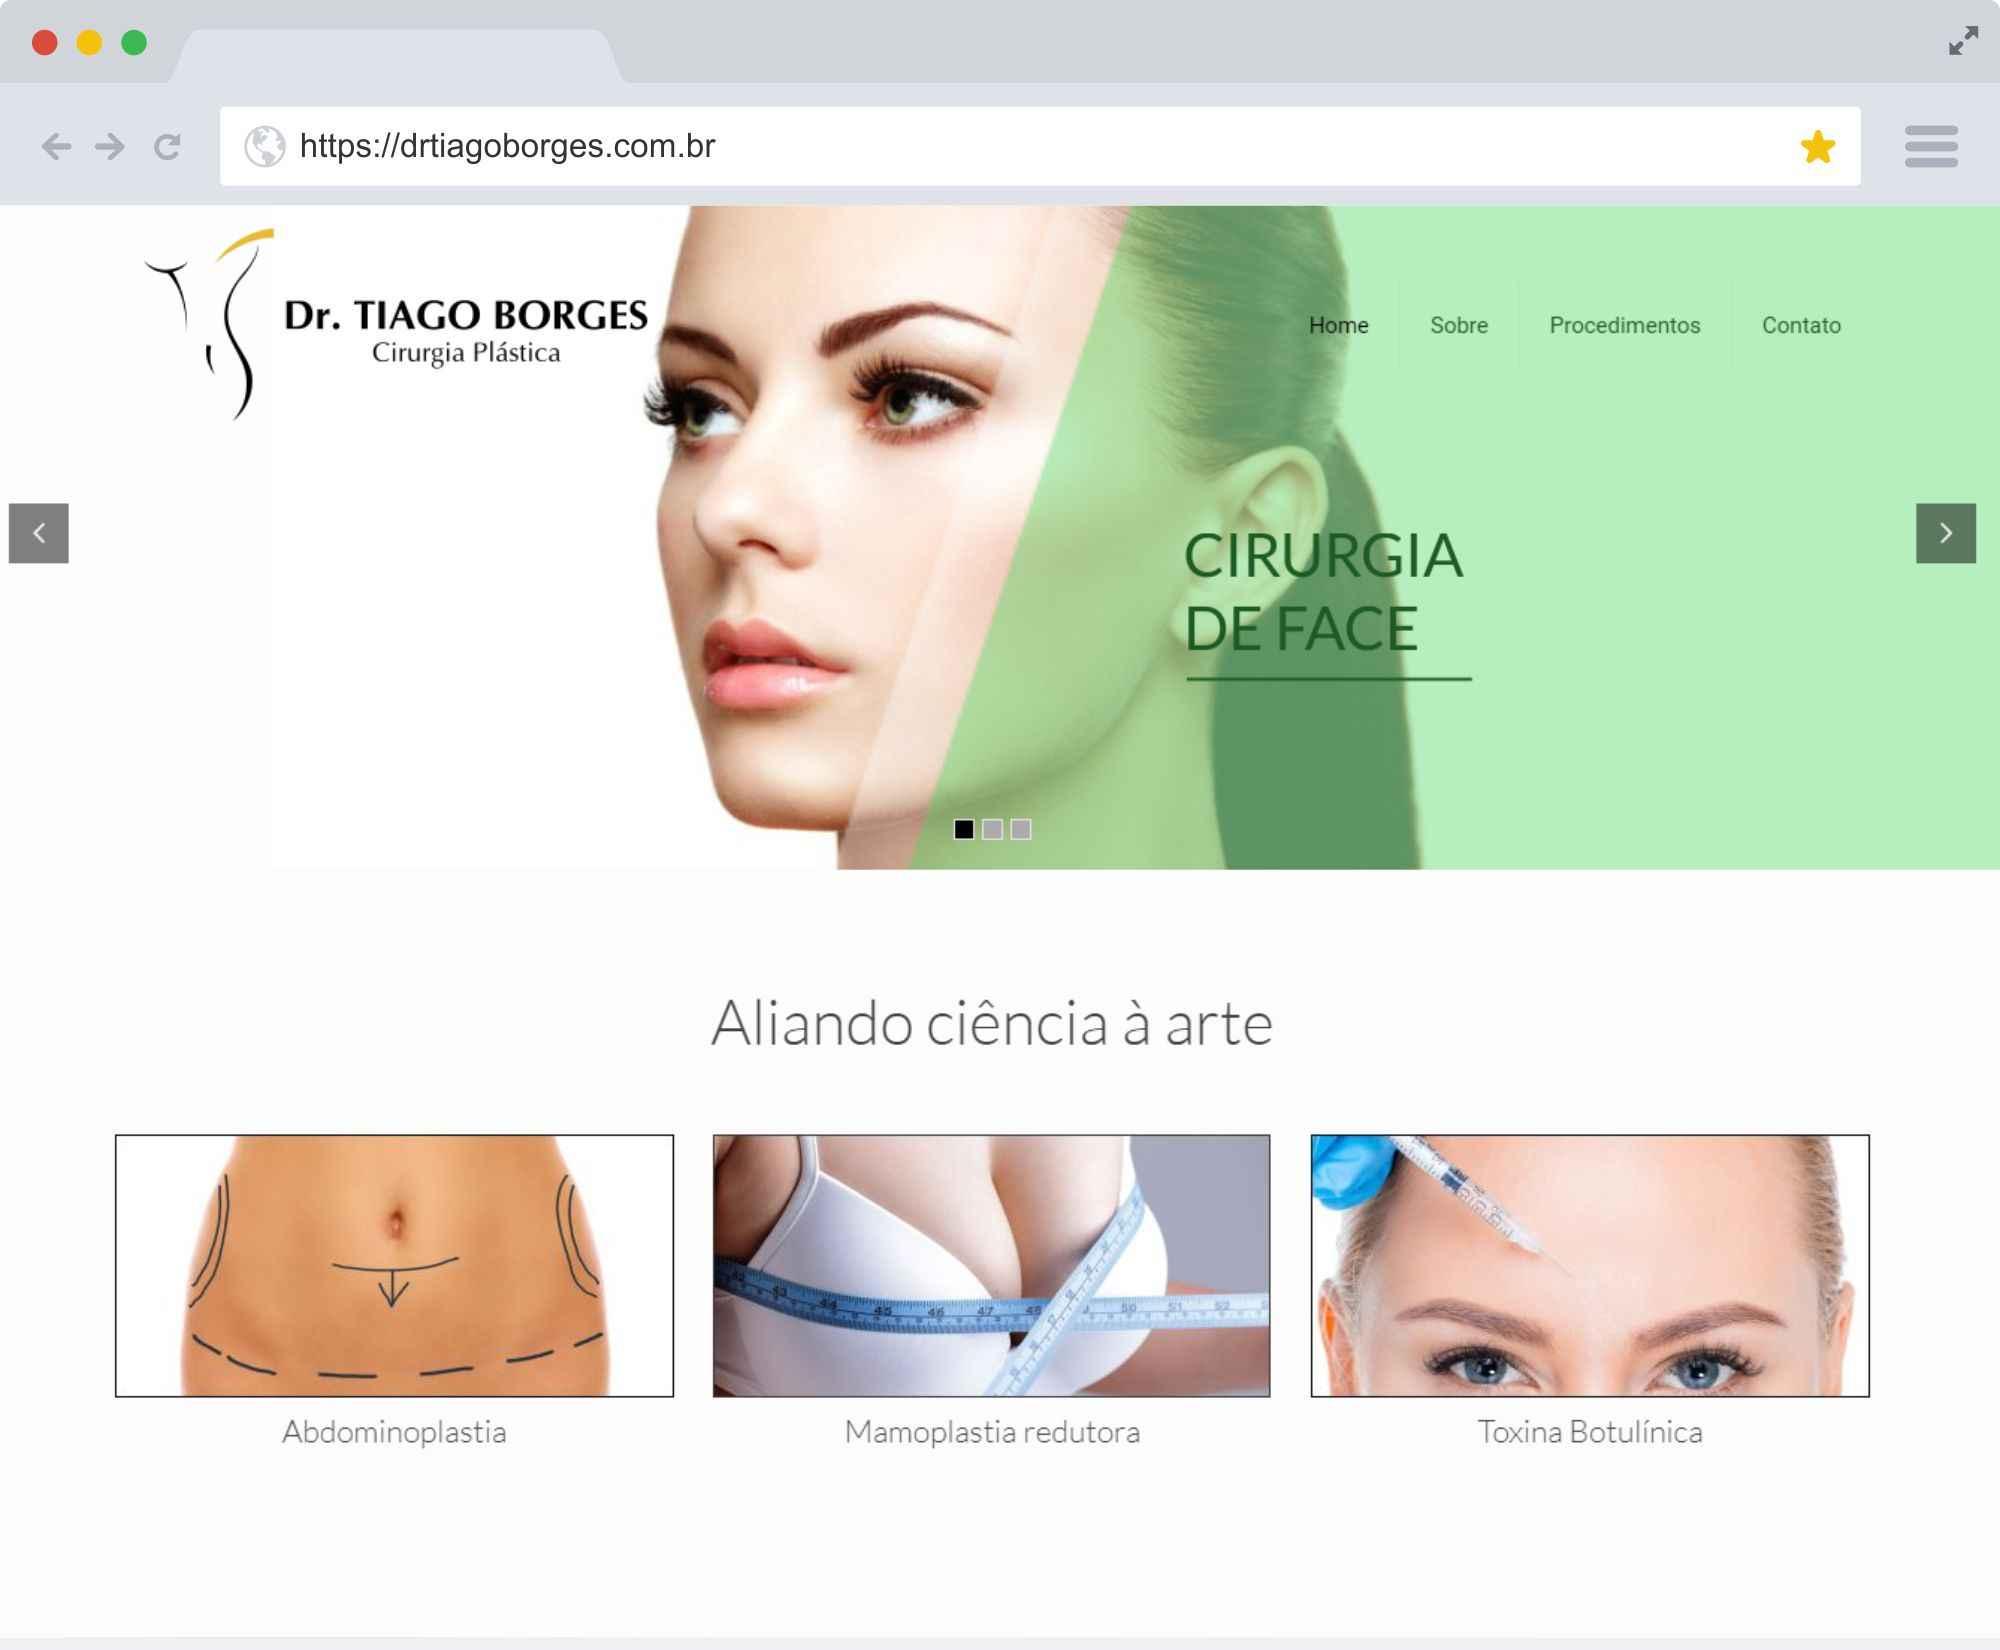 drtiagoborges.com.br.